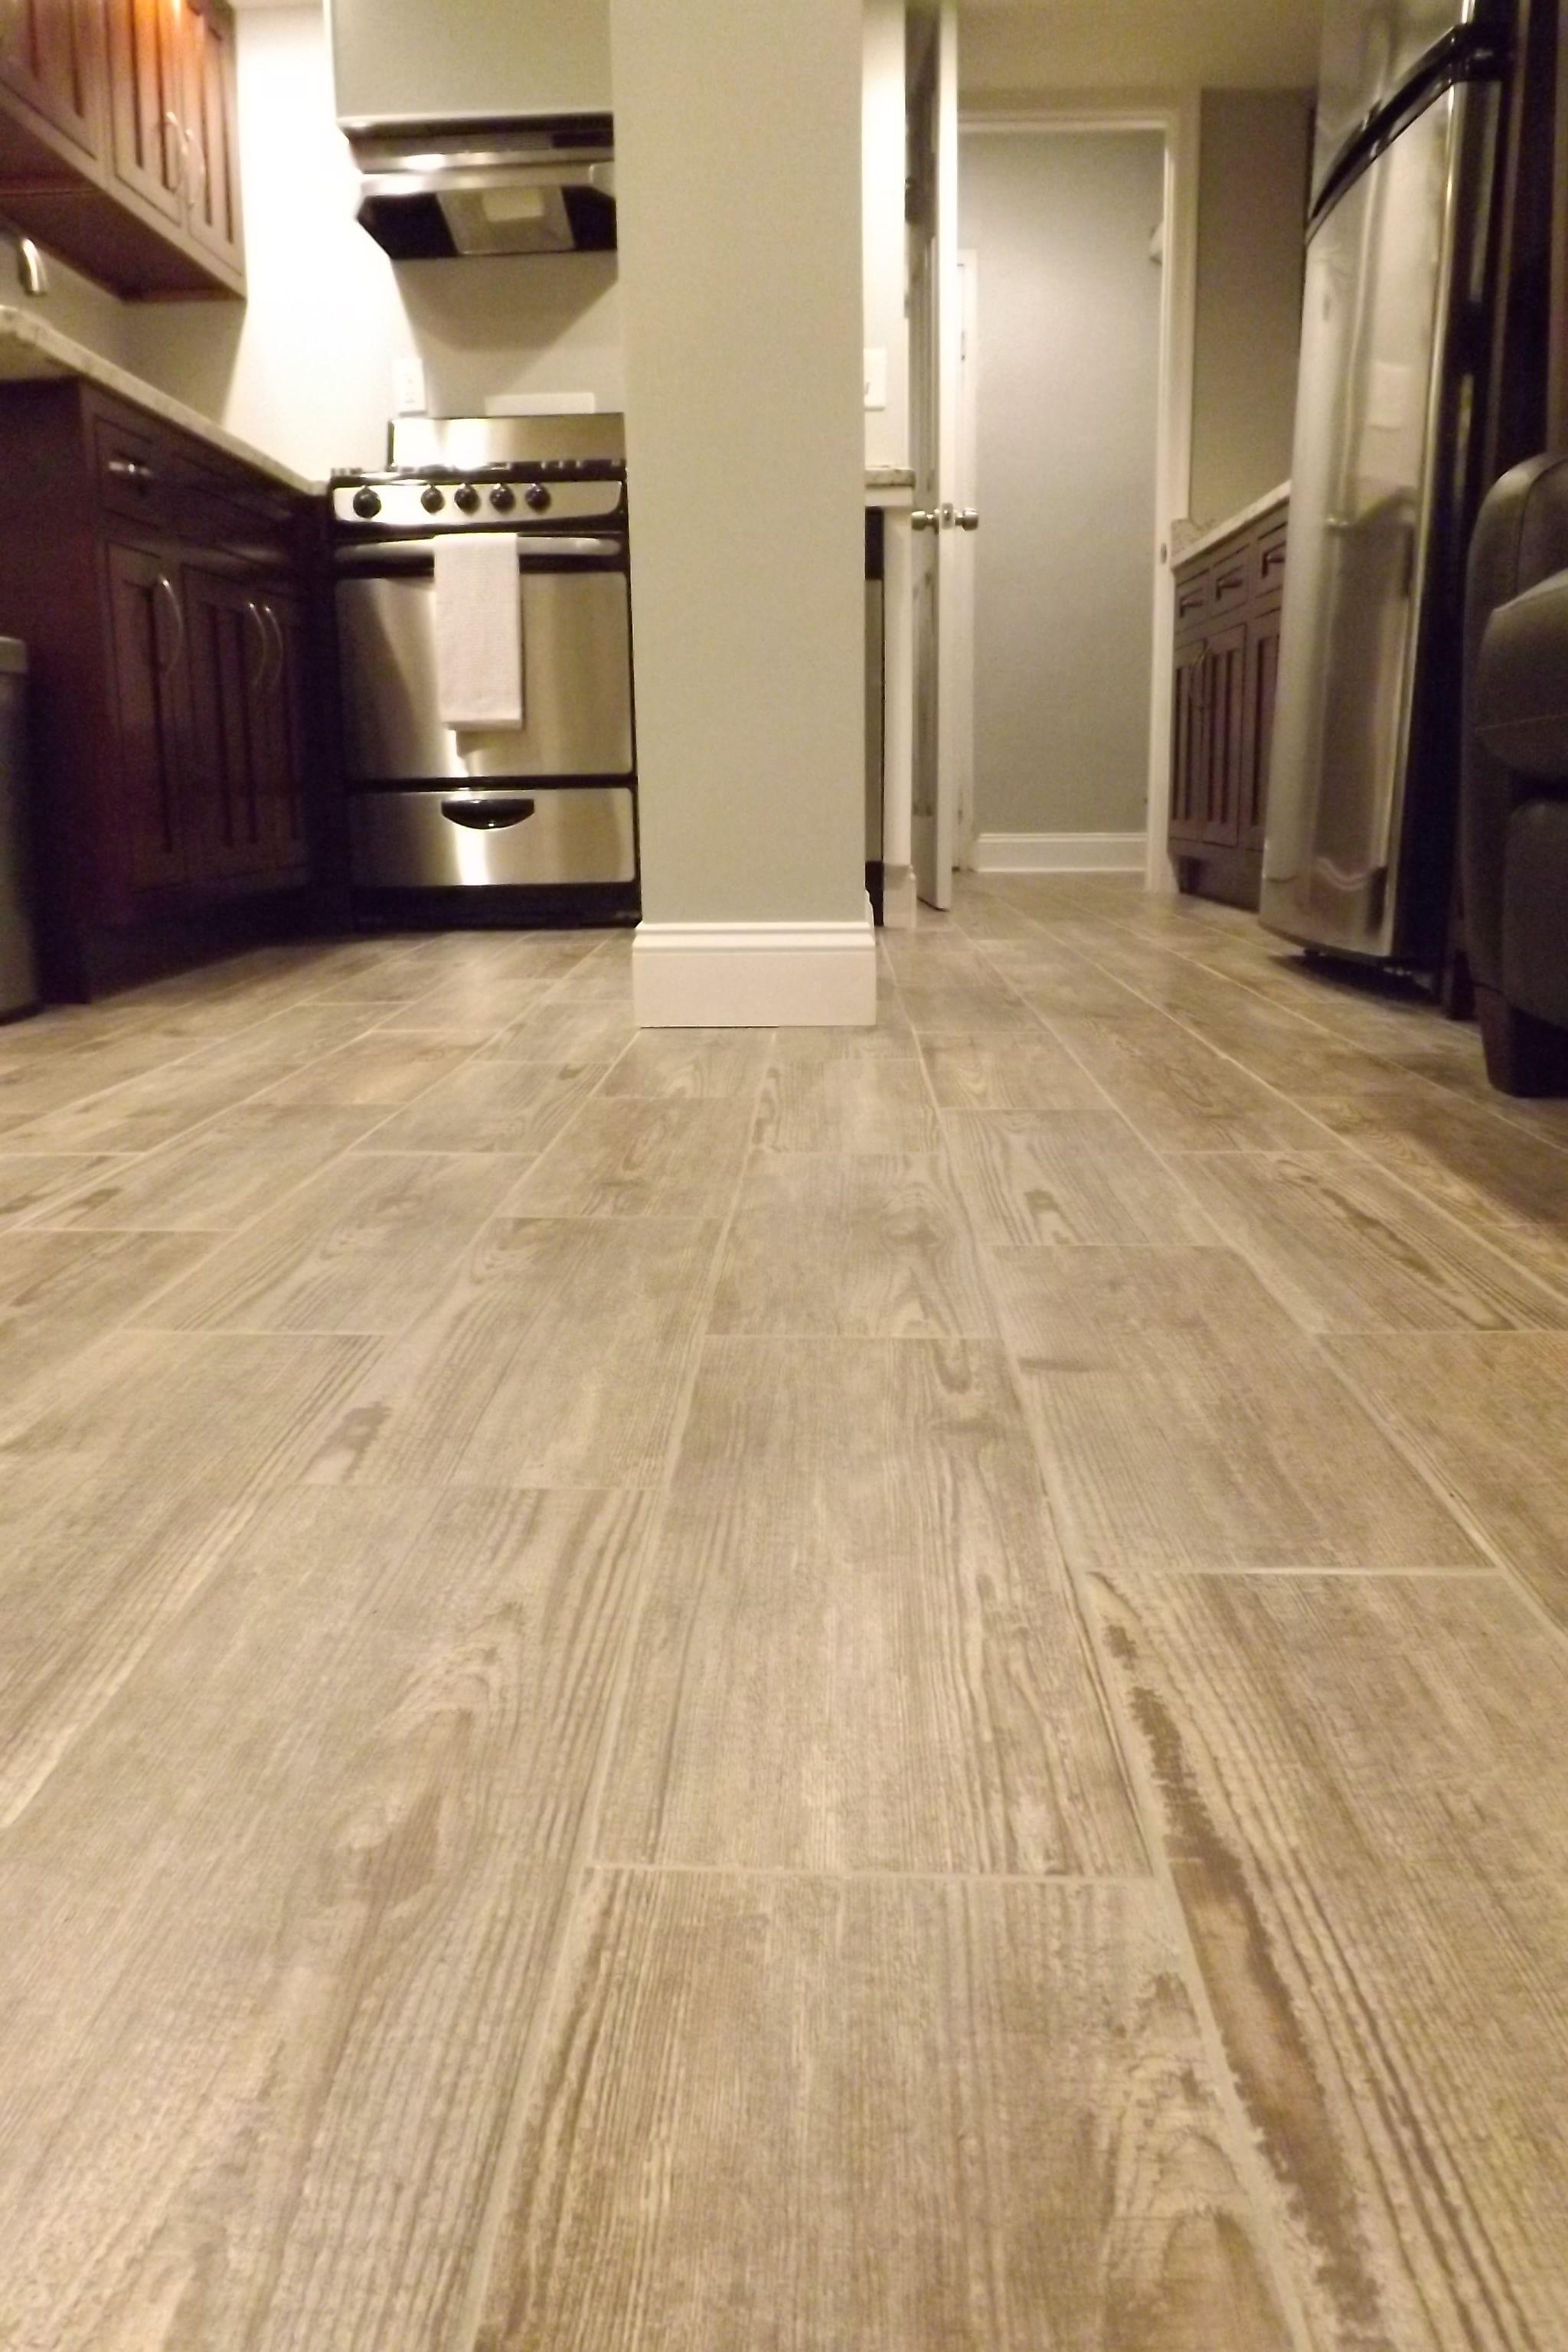 Floor Tile Looks Like Wood Wood Look Tile Floor Wood Like Tile